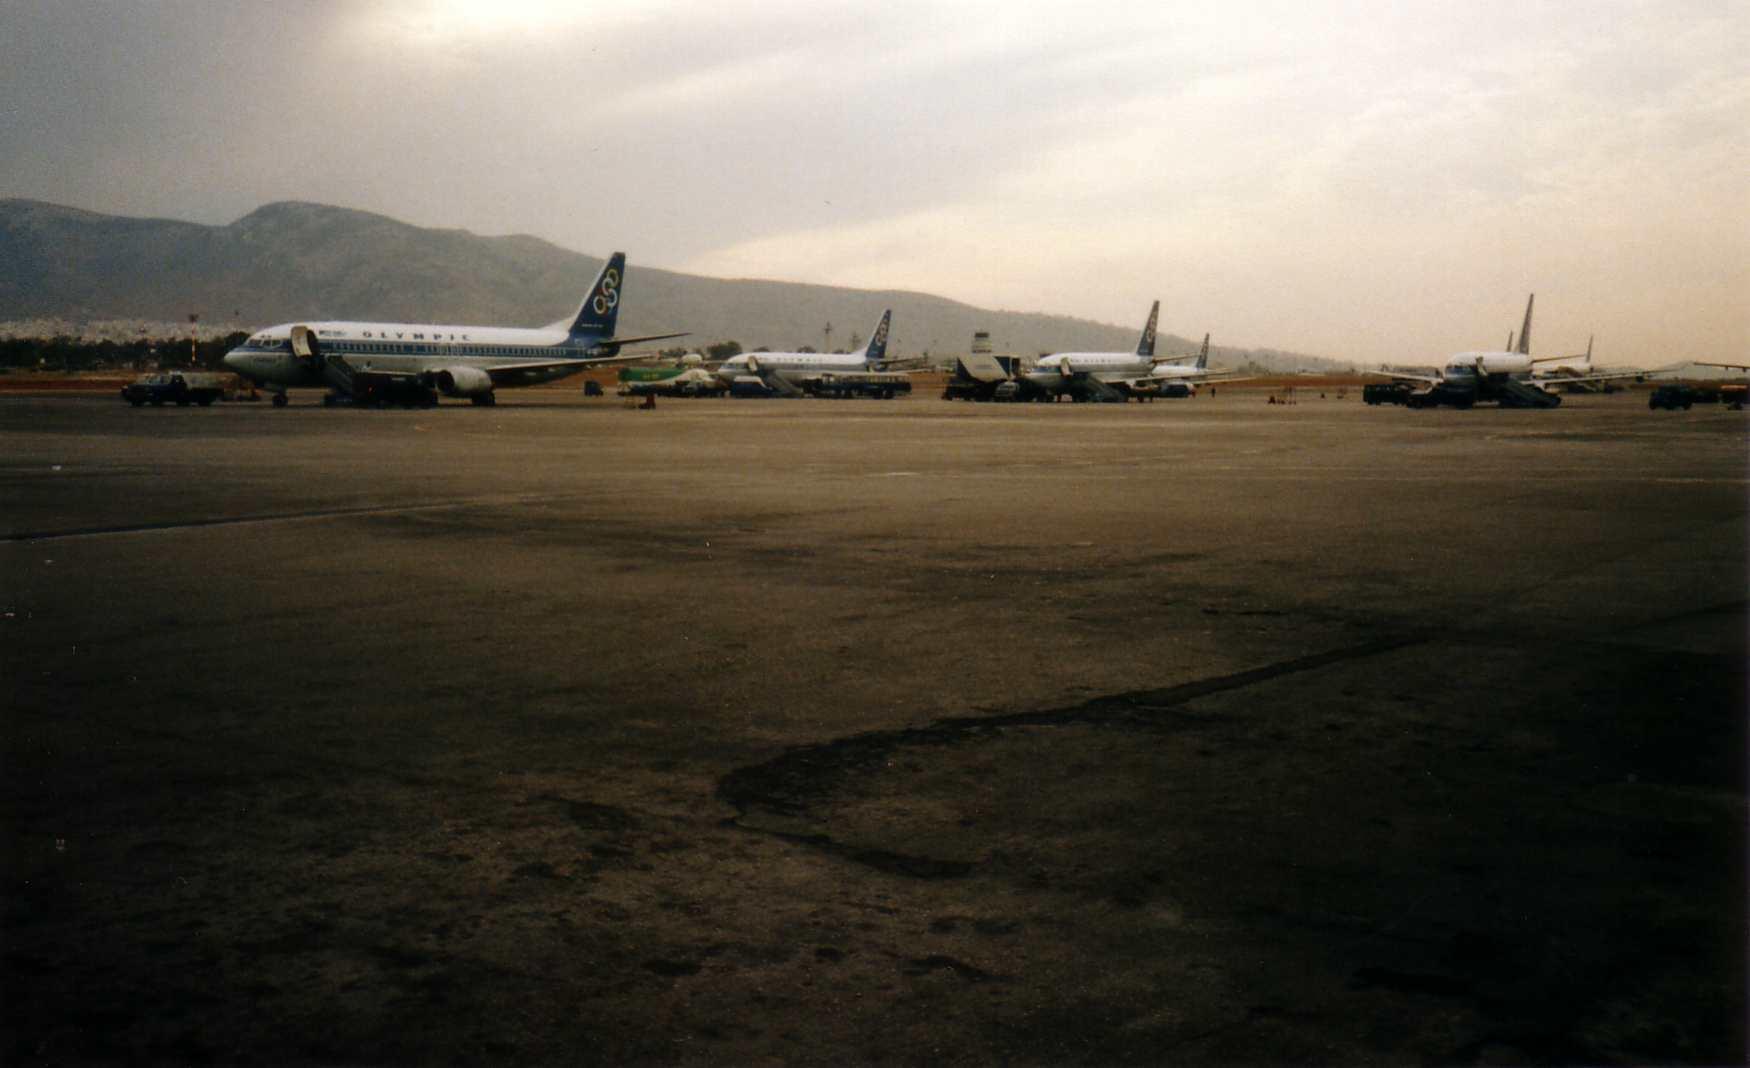 Aeroporto Atene : Aeroporto di atene ellinikon wikiwand